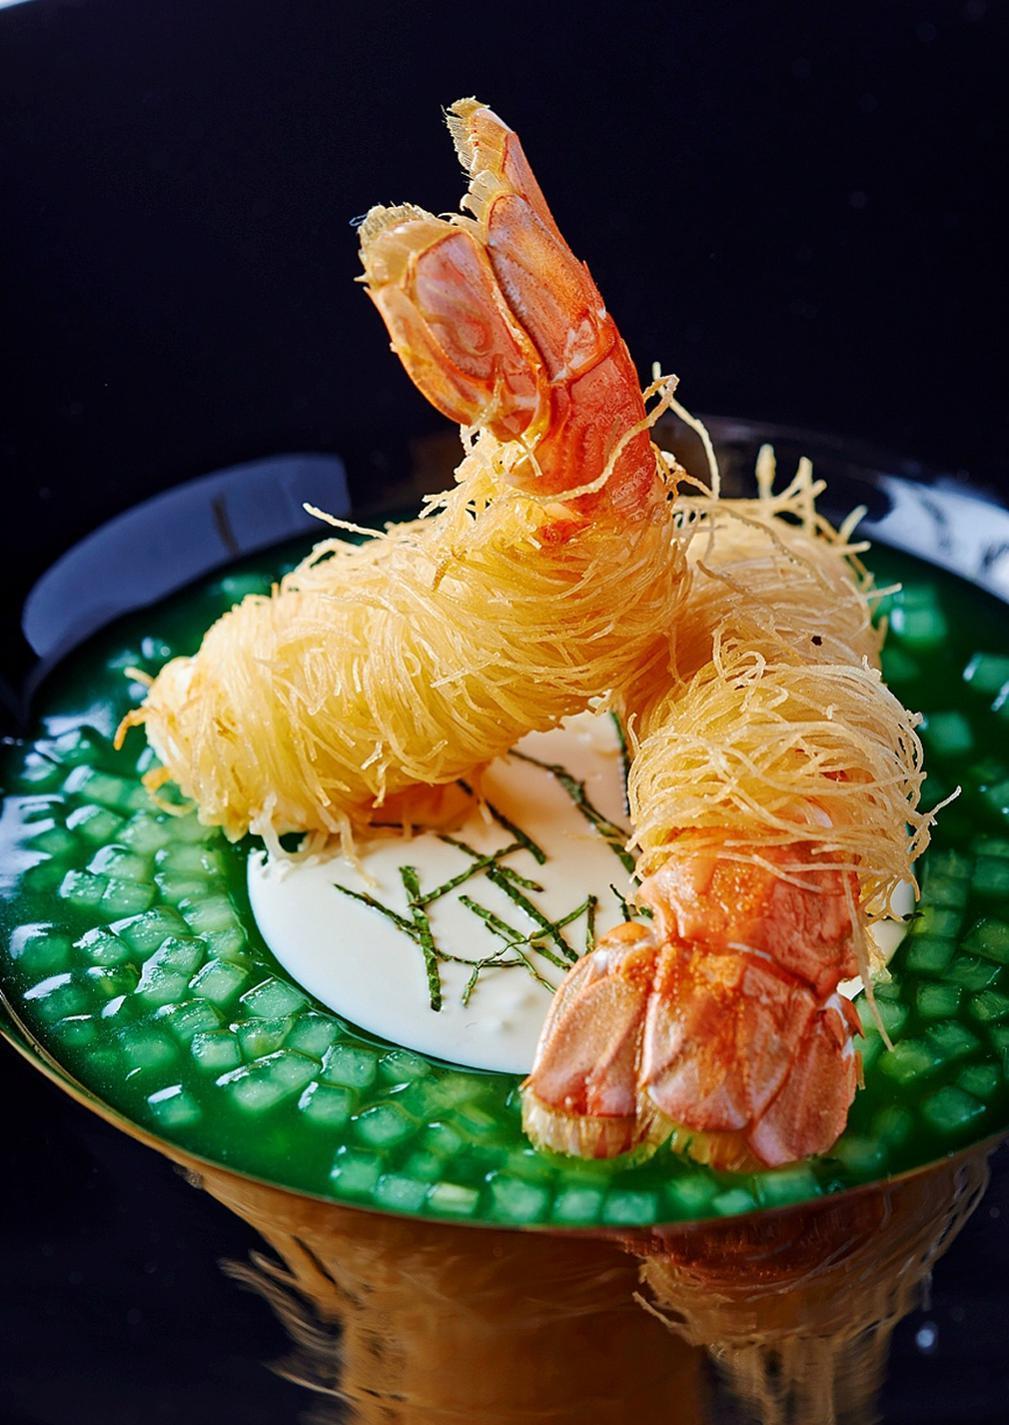 Recette de cuisine grand chef cuisinier un site culinaire populaire avec des recettes utiles - Sites de recettes de cuisine ...